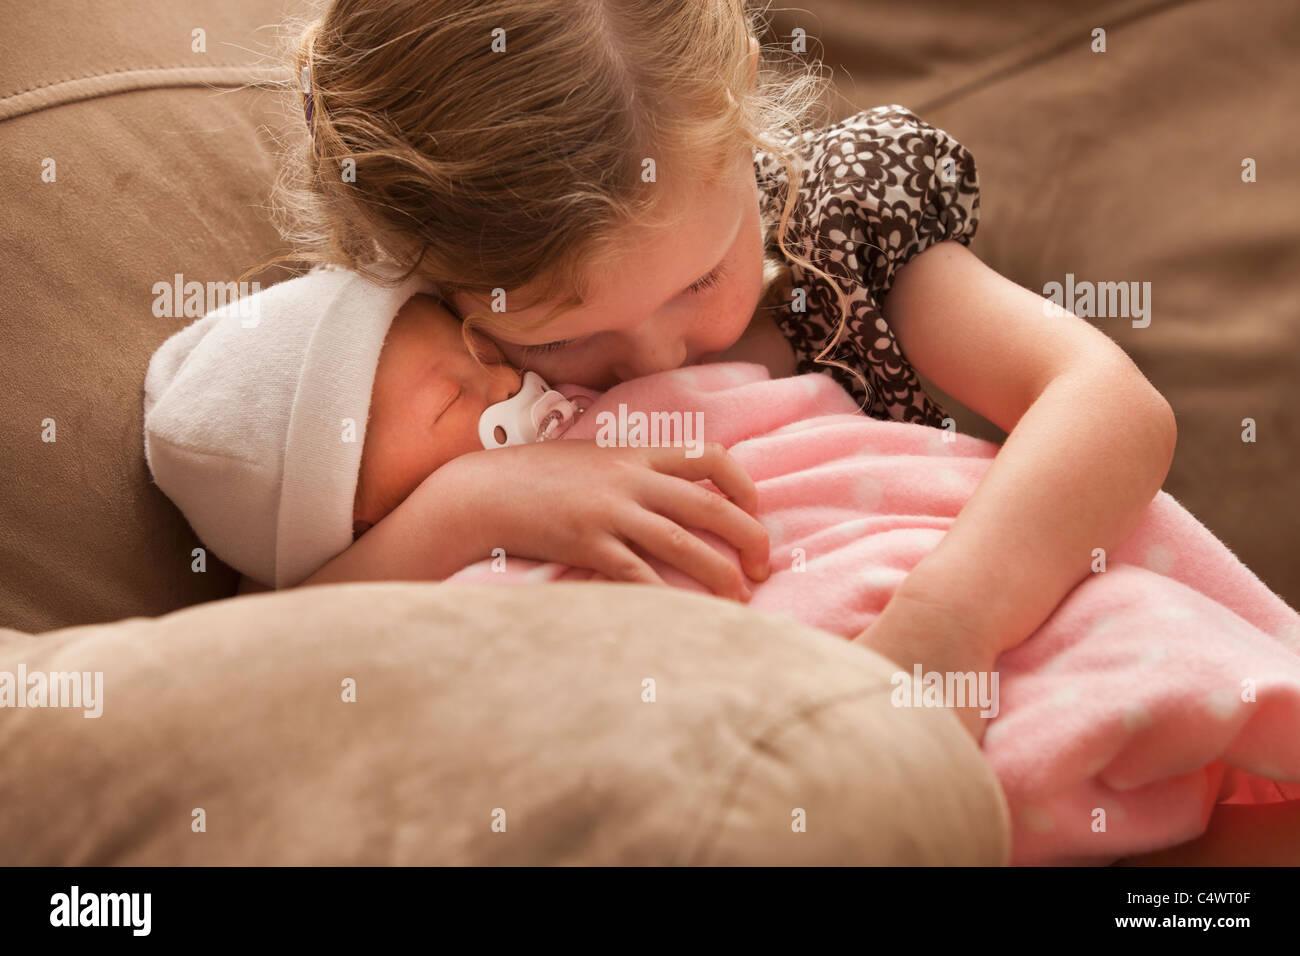 USA,Utah,Lehi,Girl (2-3) embracing baby sister on sofa - Stock Image